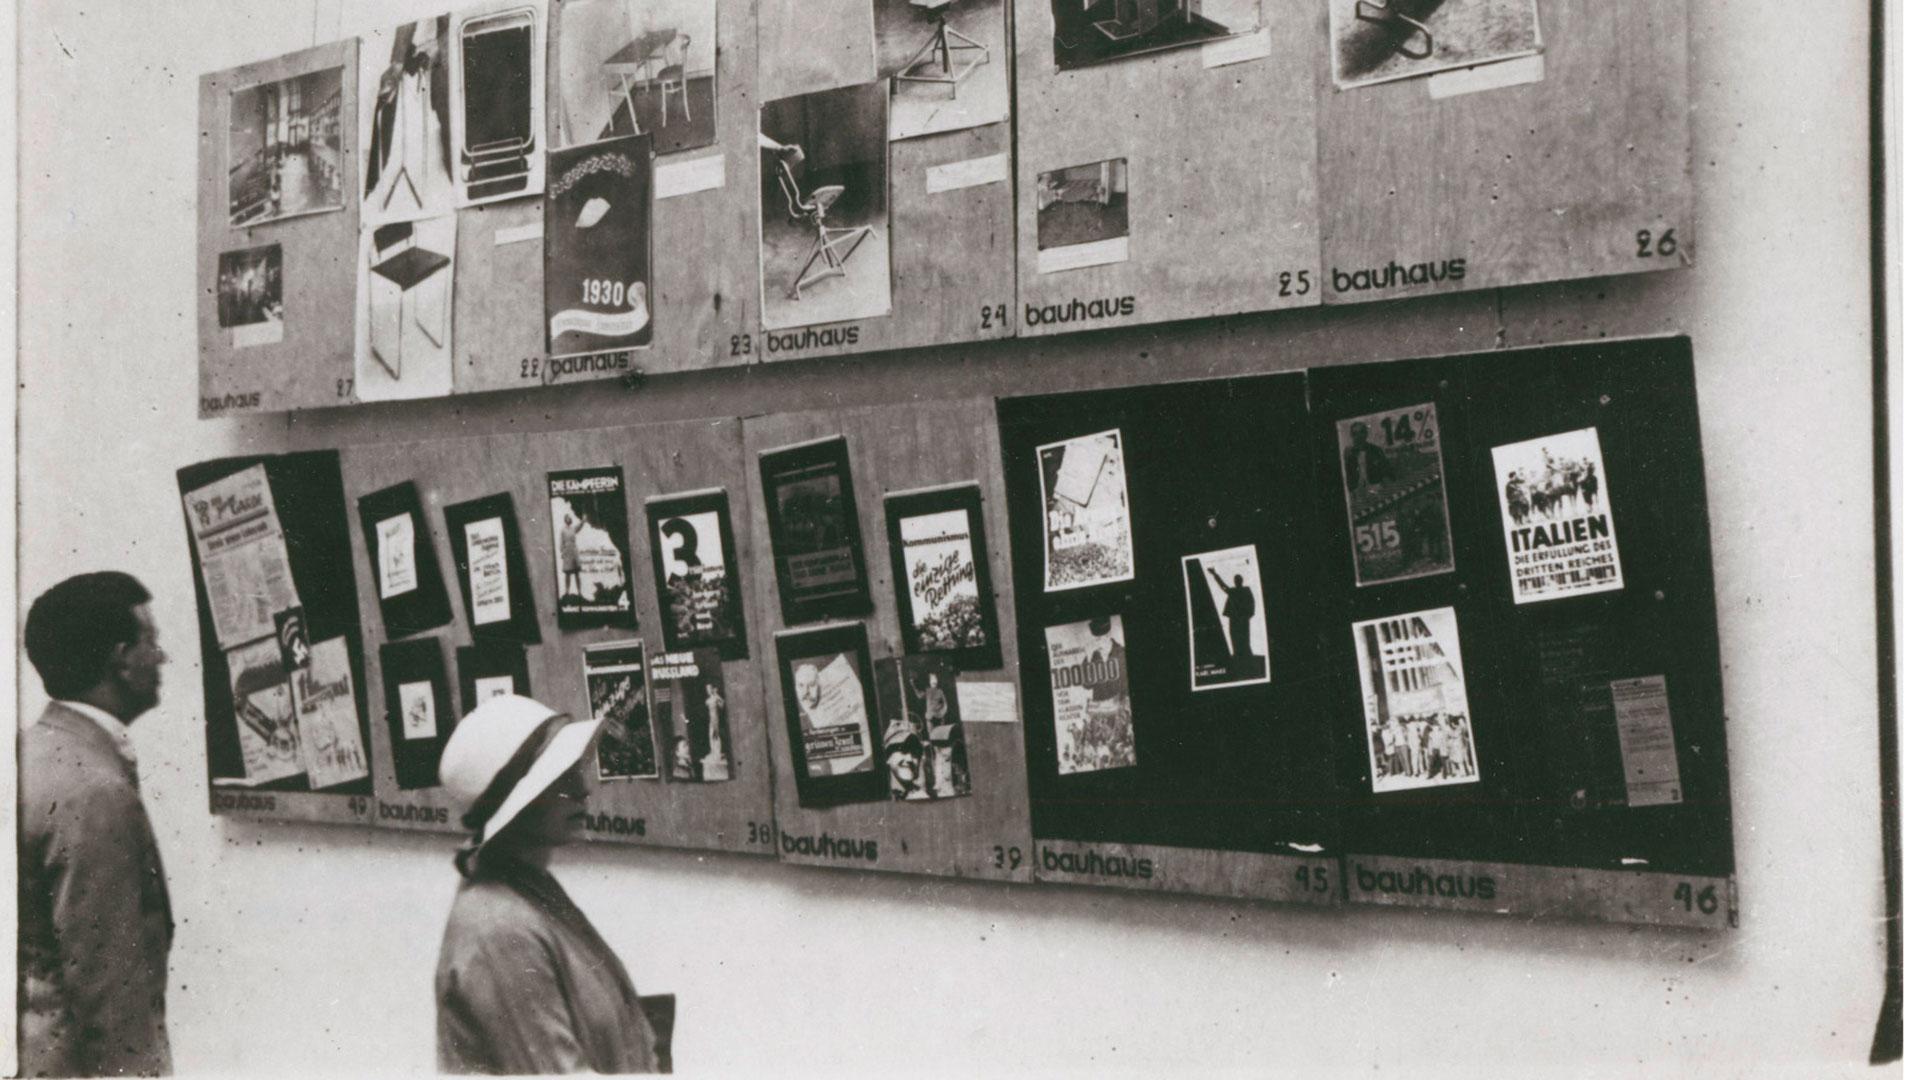 Bauhaus 100 years challenged hero asset